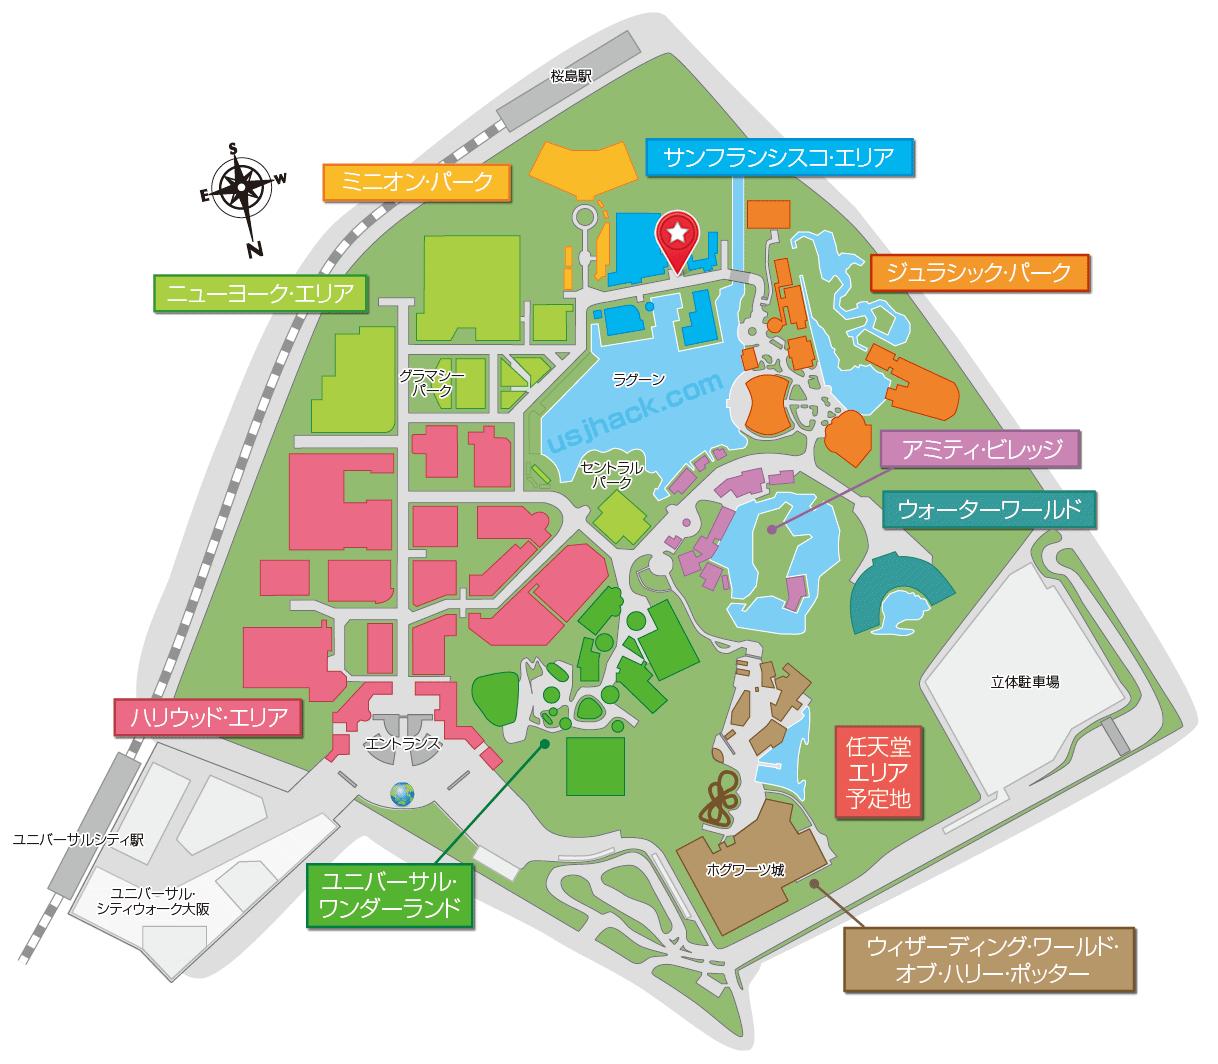 マップで確認するナイトロダンスクルーの開催場所